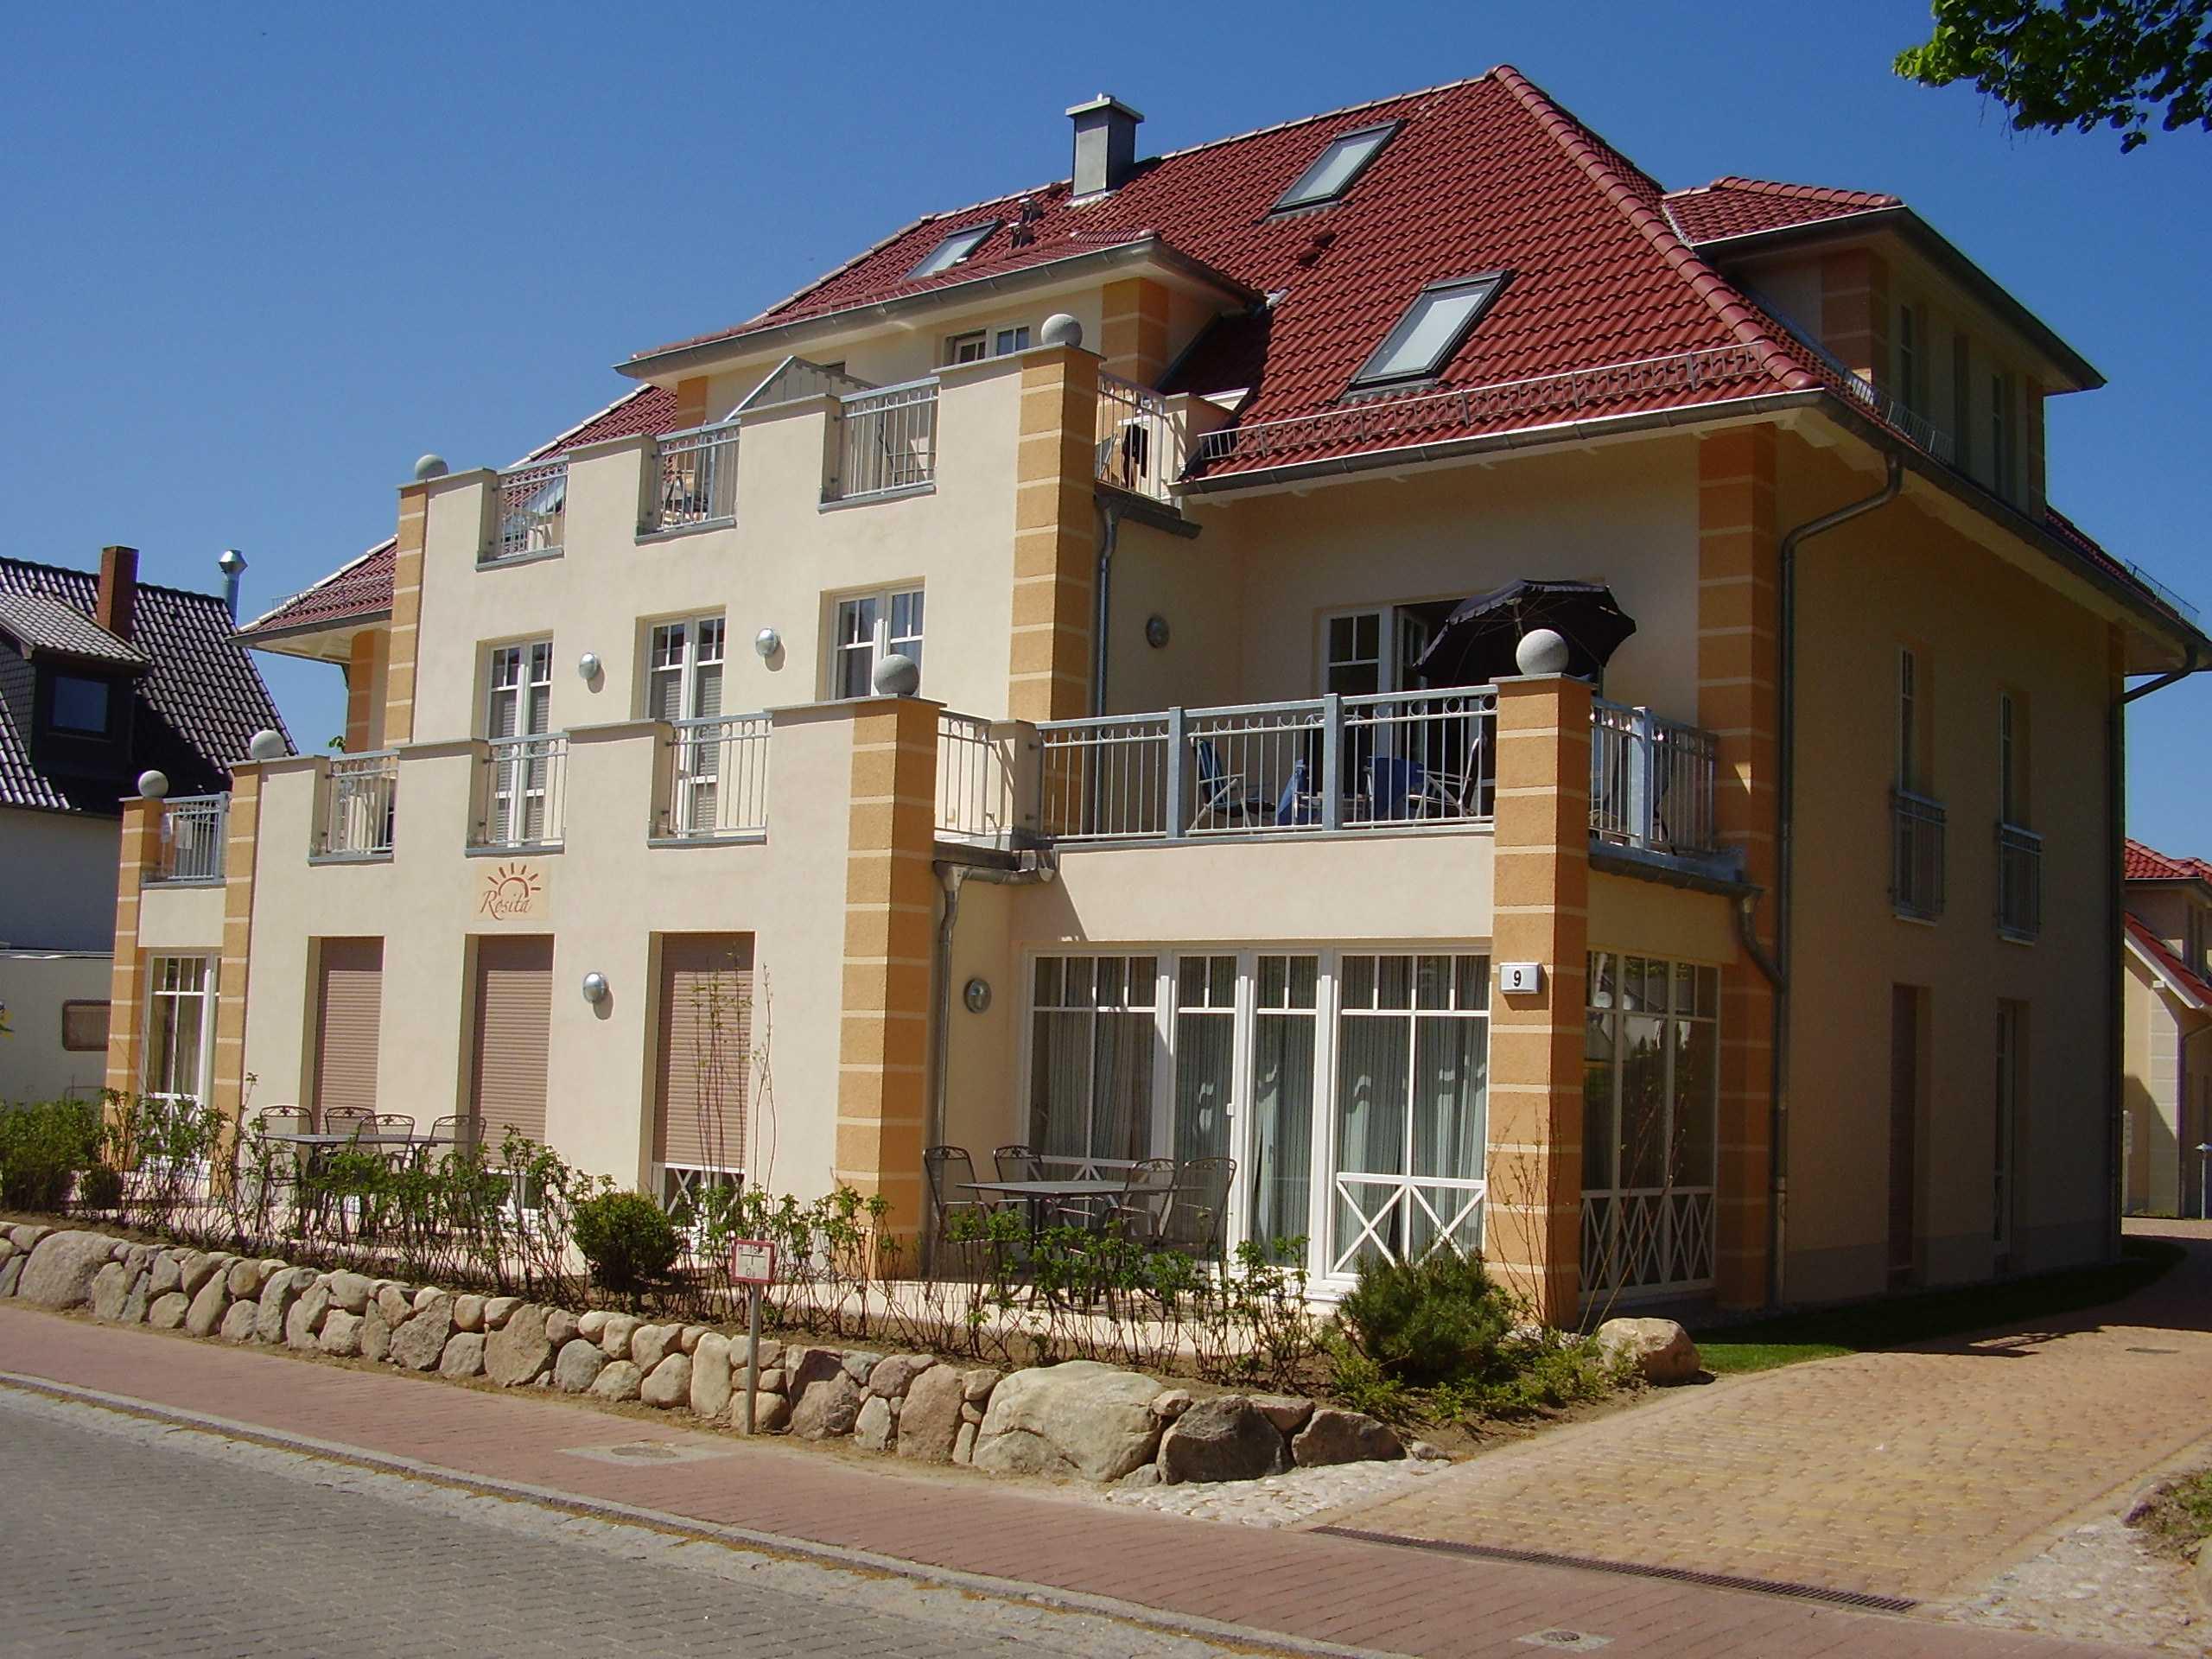 Ferienwohnung in Ostseebad Rerik - Objekt 6643 - ab 39 Euro